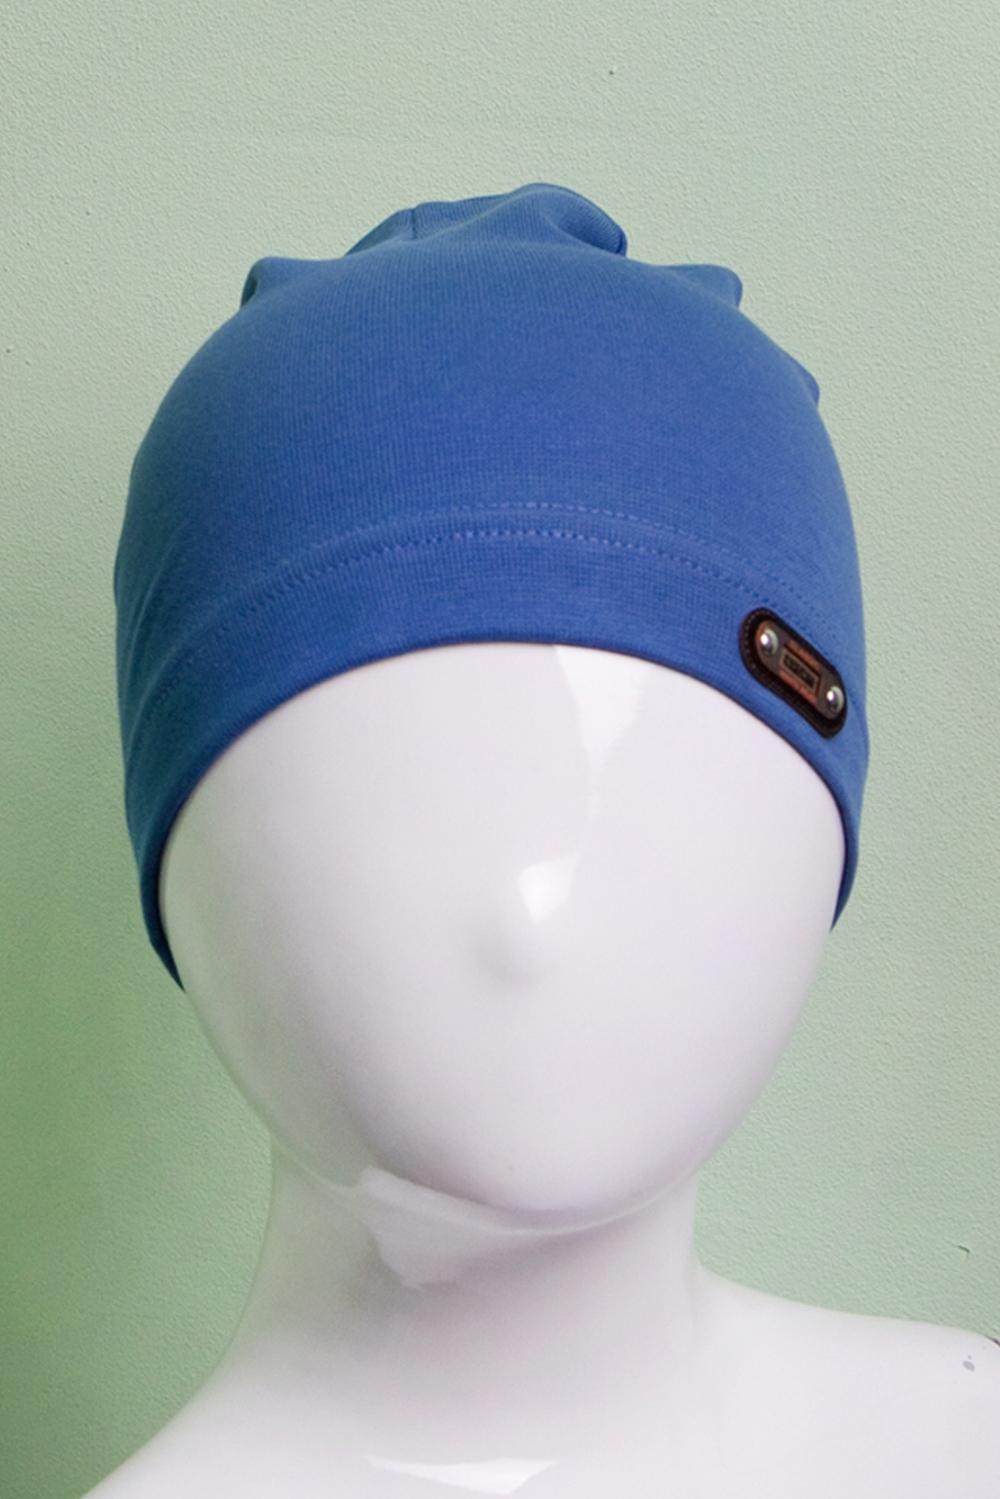 ШапкаГоловные уборы<br>Шапка для мальчика защитит Вашего ребенка от непогоды и поднимет настроение.  Размер равен обхвату головы в сантиметрах.  Цвет: синий<br><br>По сезону: Осень,Весна<br>Размер : 50-54<br>Материал: Трикотаж<br>Количество в наличии: 1